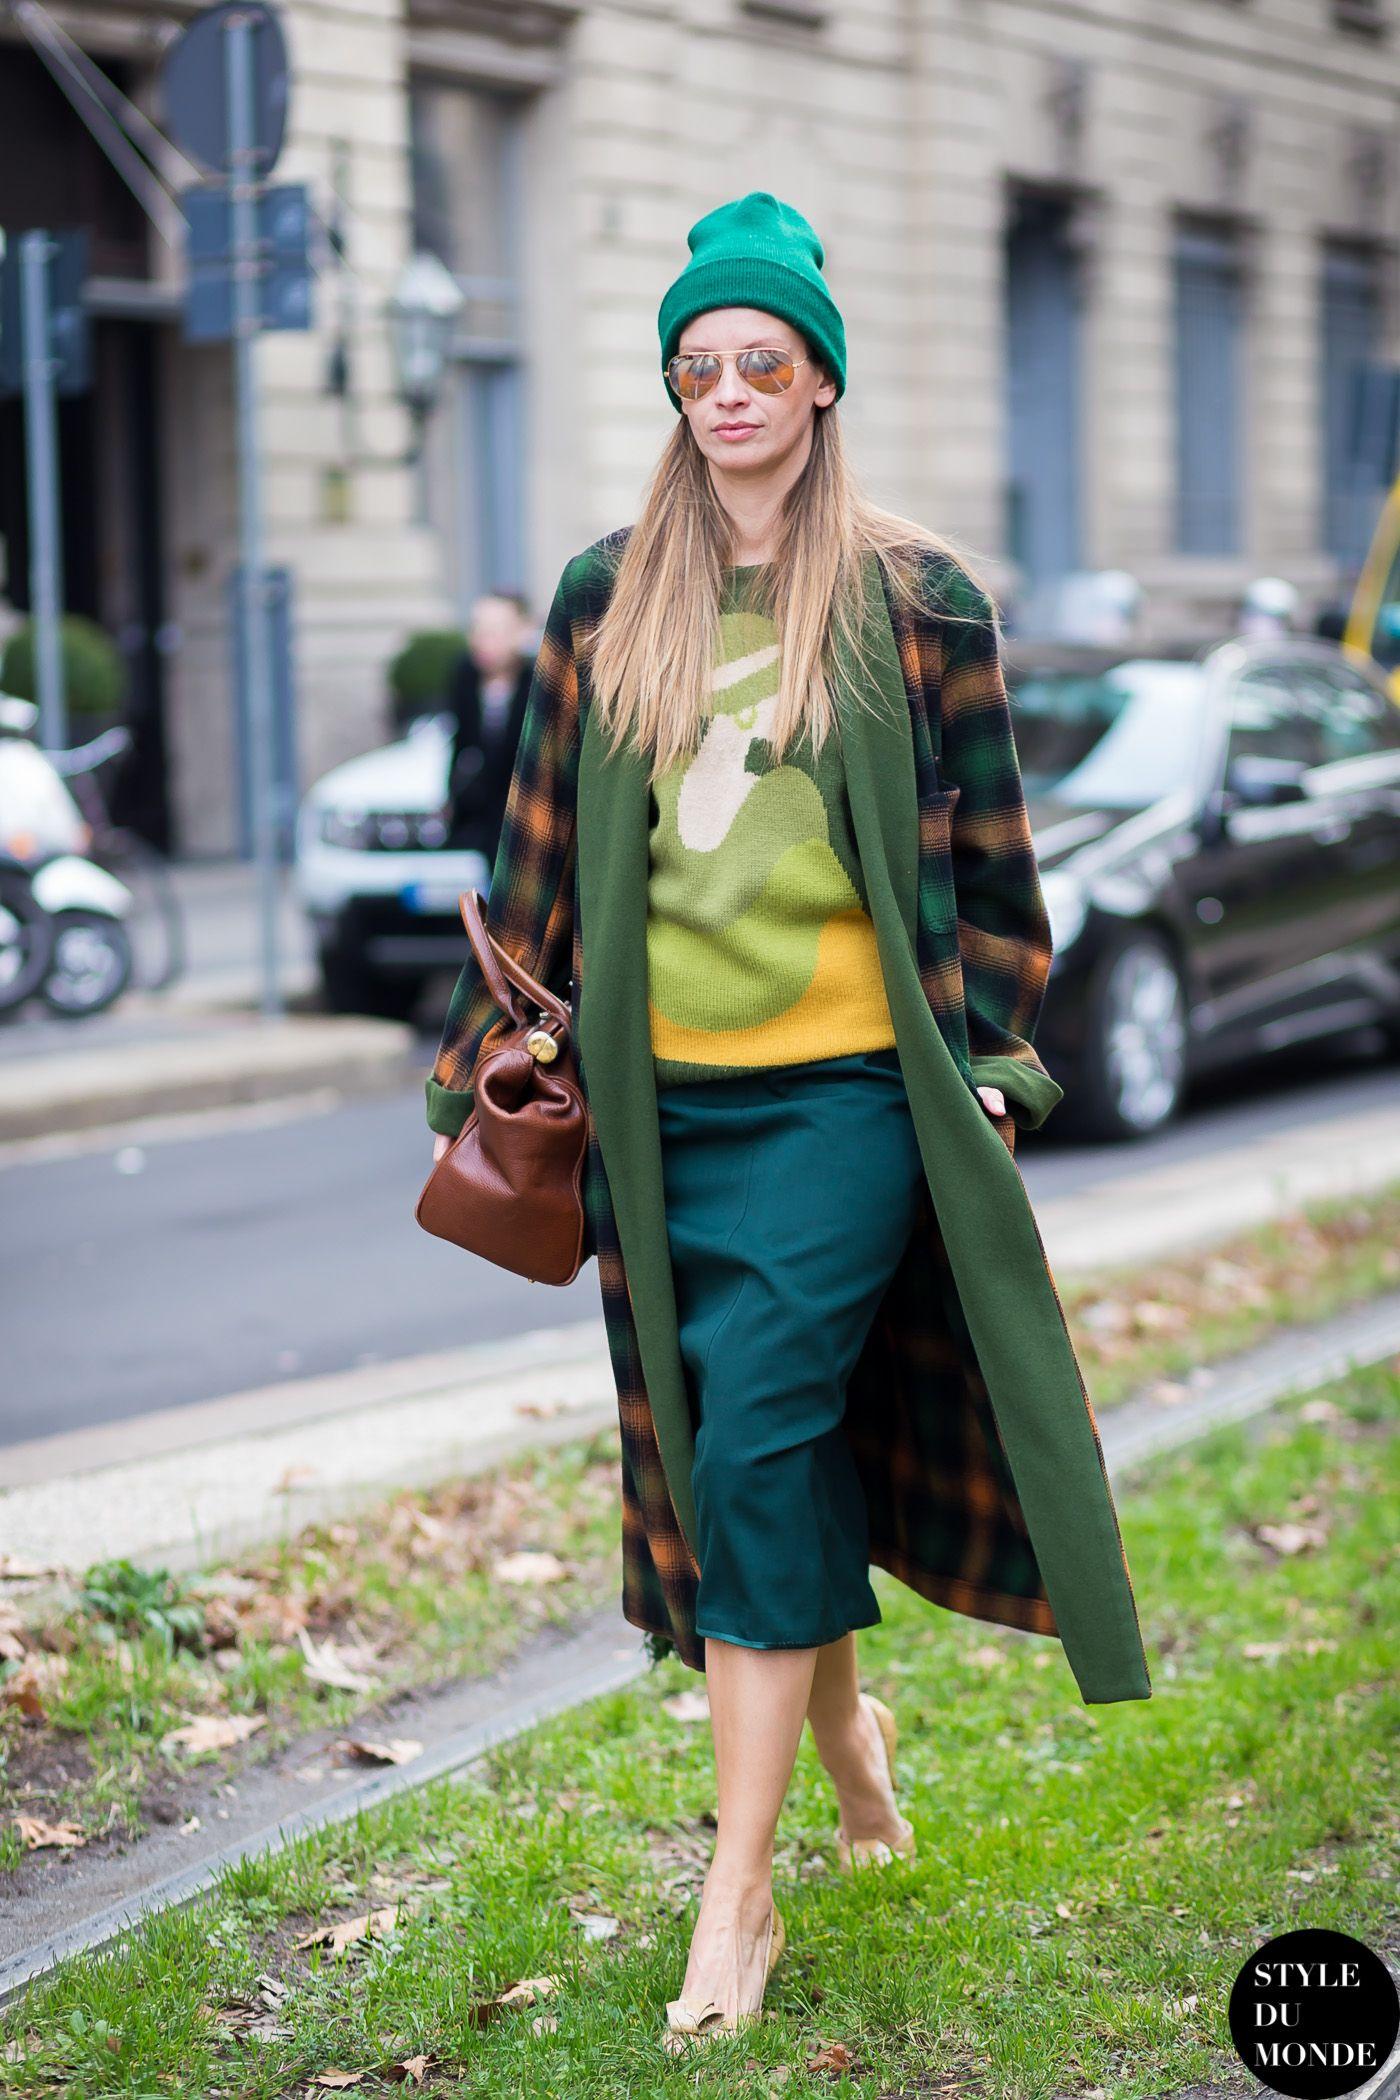 Milan Men's FW15 Street Style: Clara Racz - STYLE DU MONDE | Street Style Street Fashion Photos